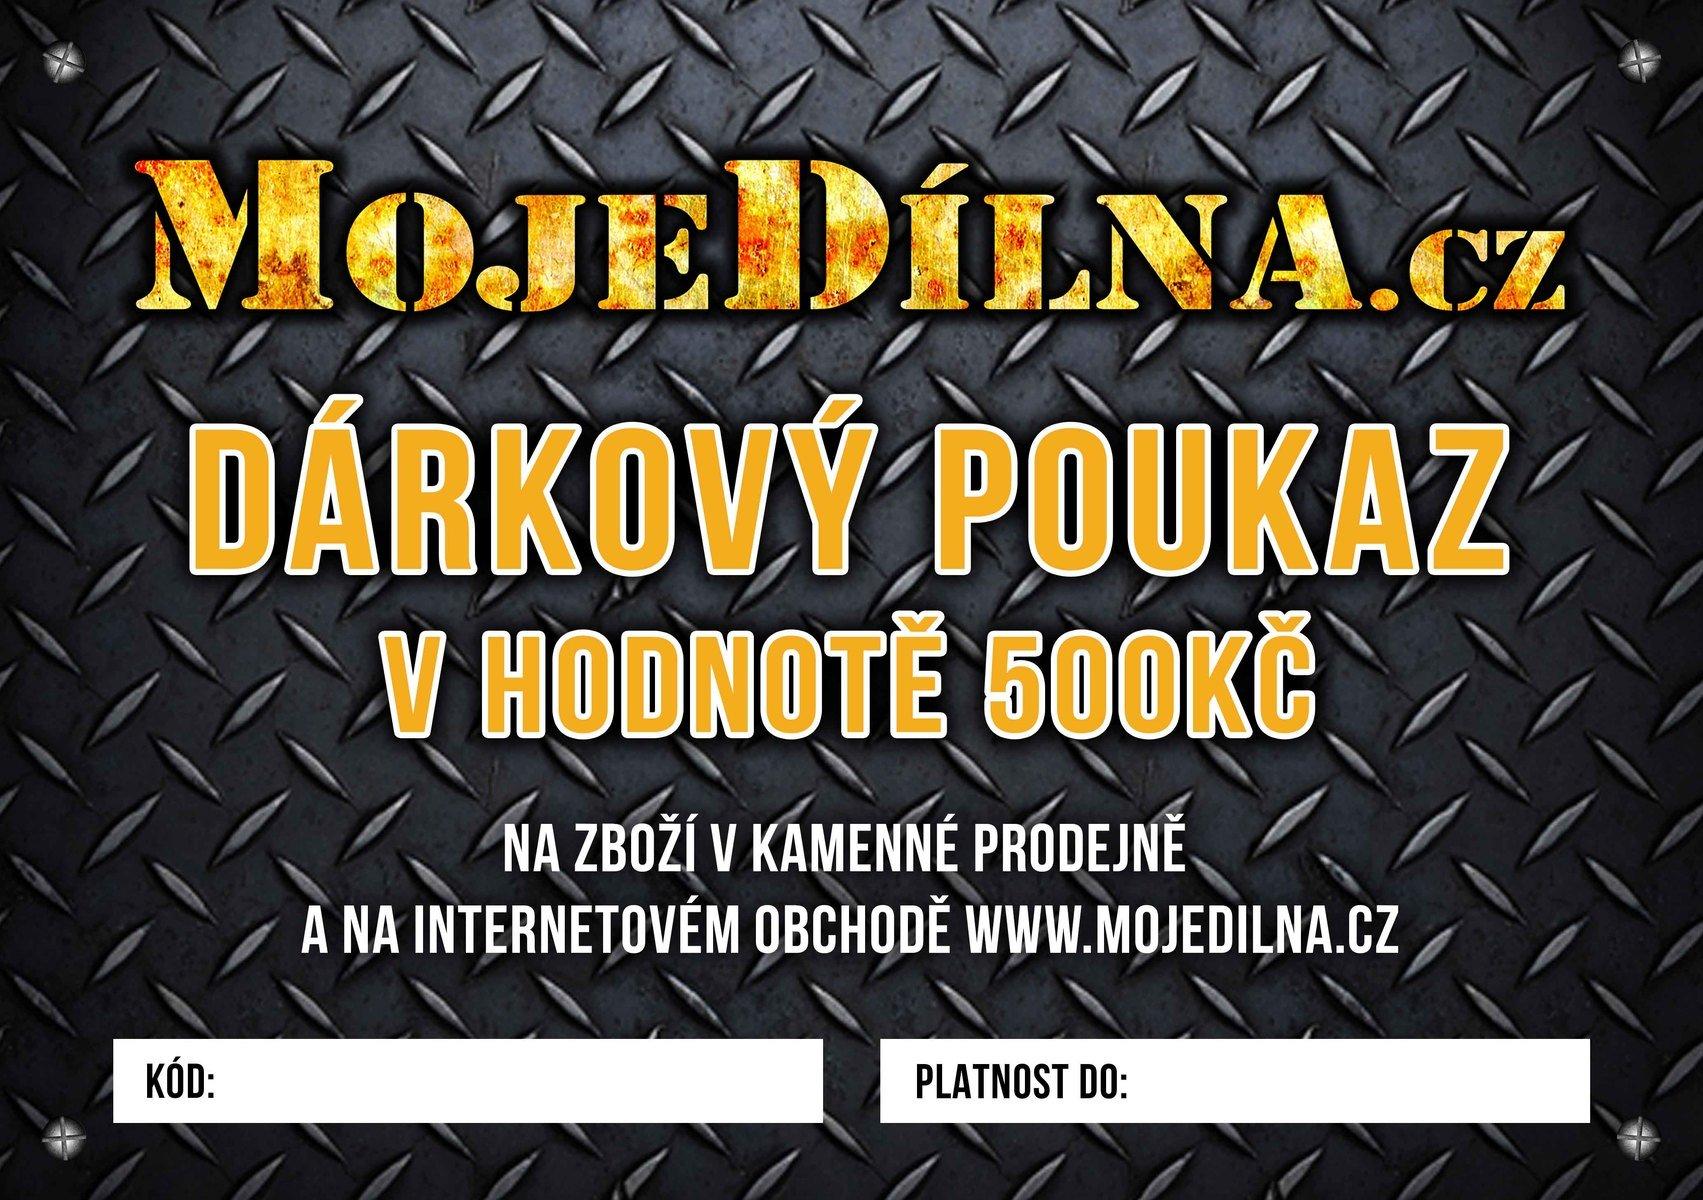 Dárkový poukaz MojeDílna.cz v hodnotě 500 Kč